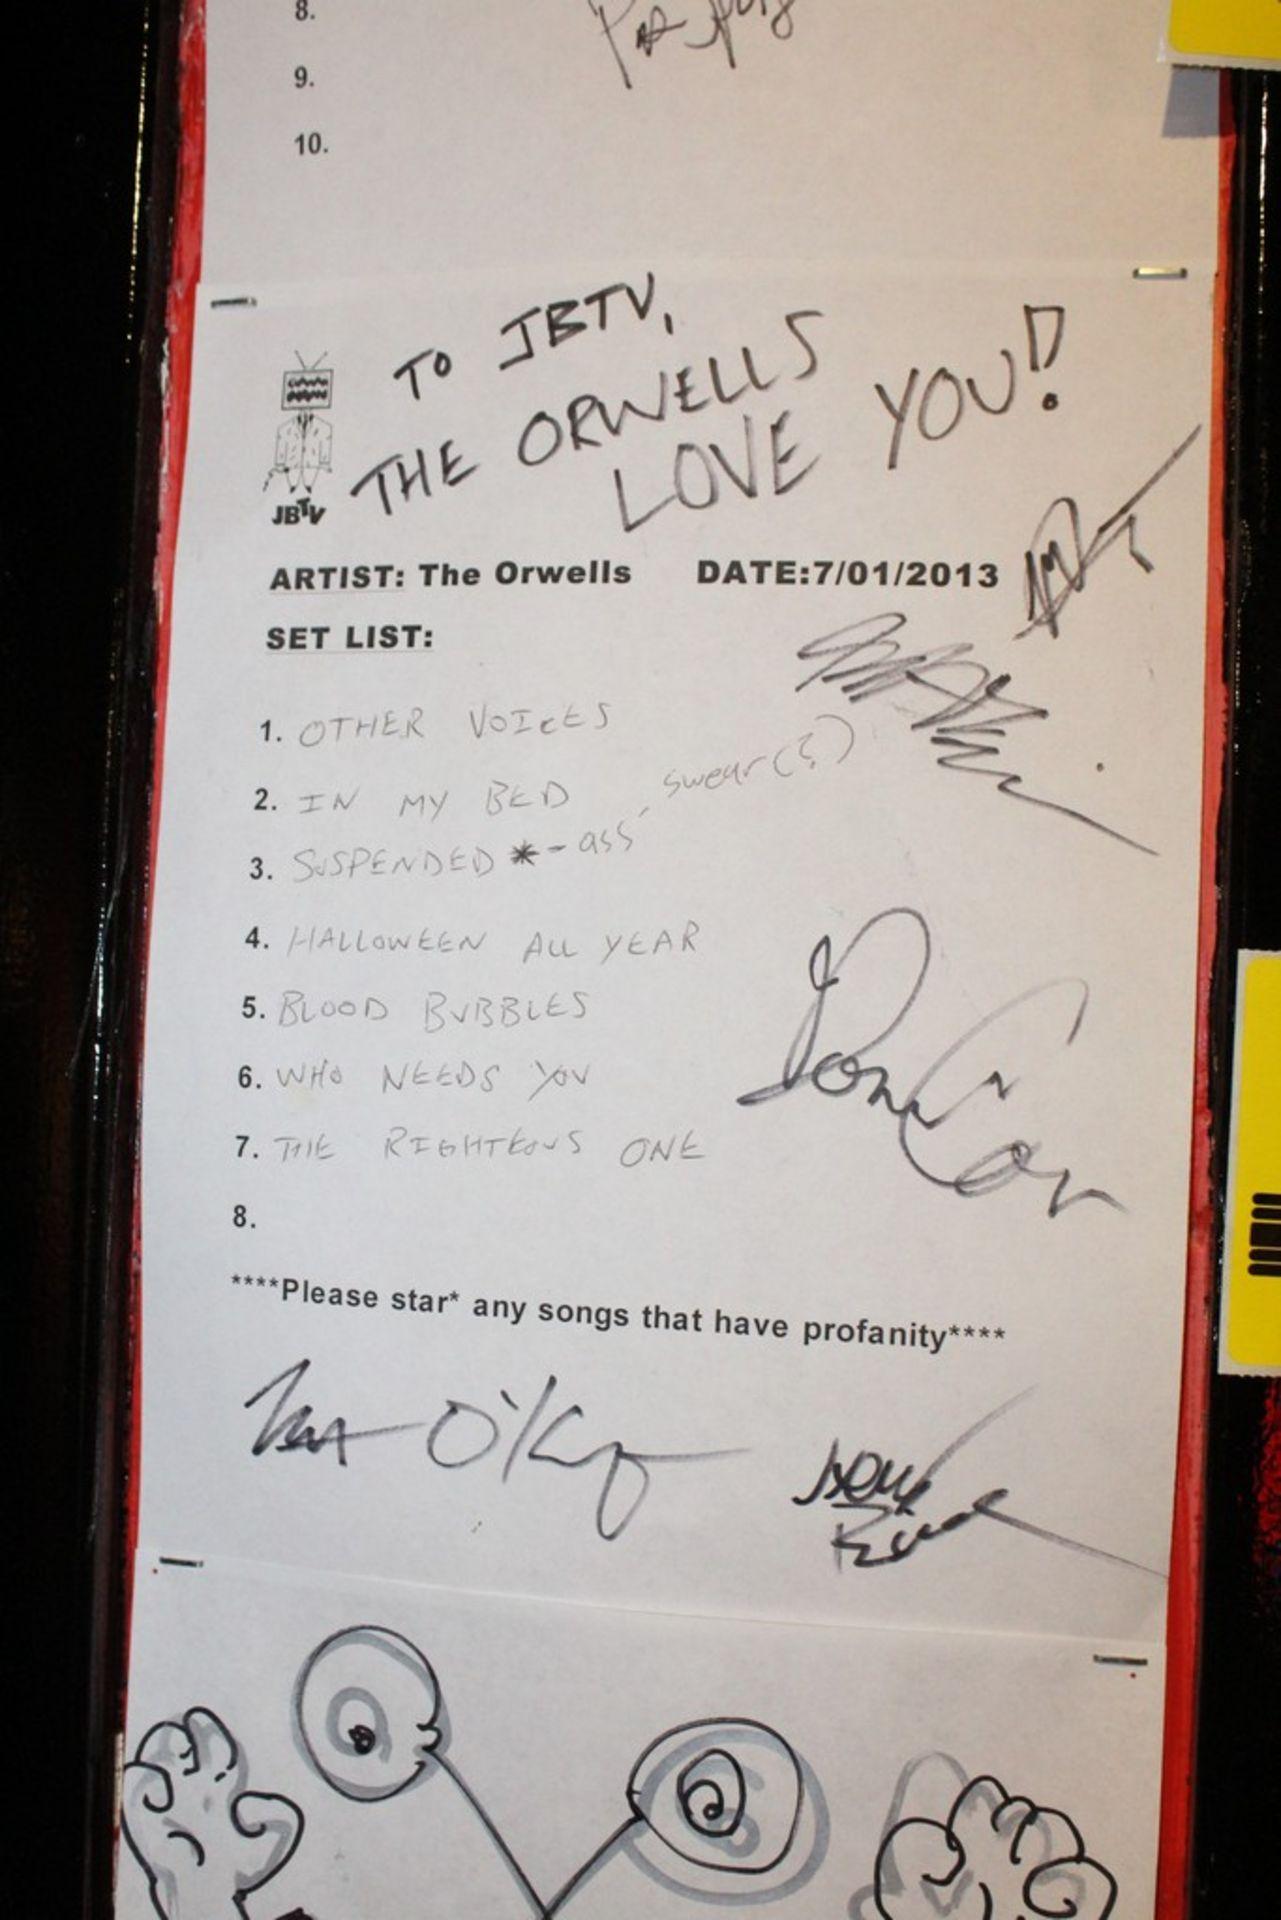 Lot 2030 - The Orwells Signed JBTV Set List